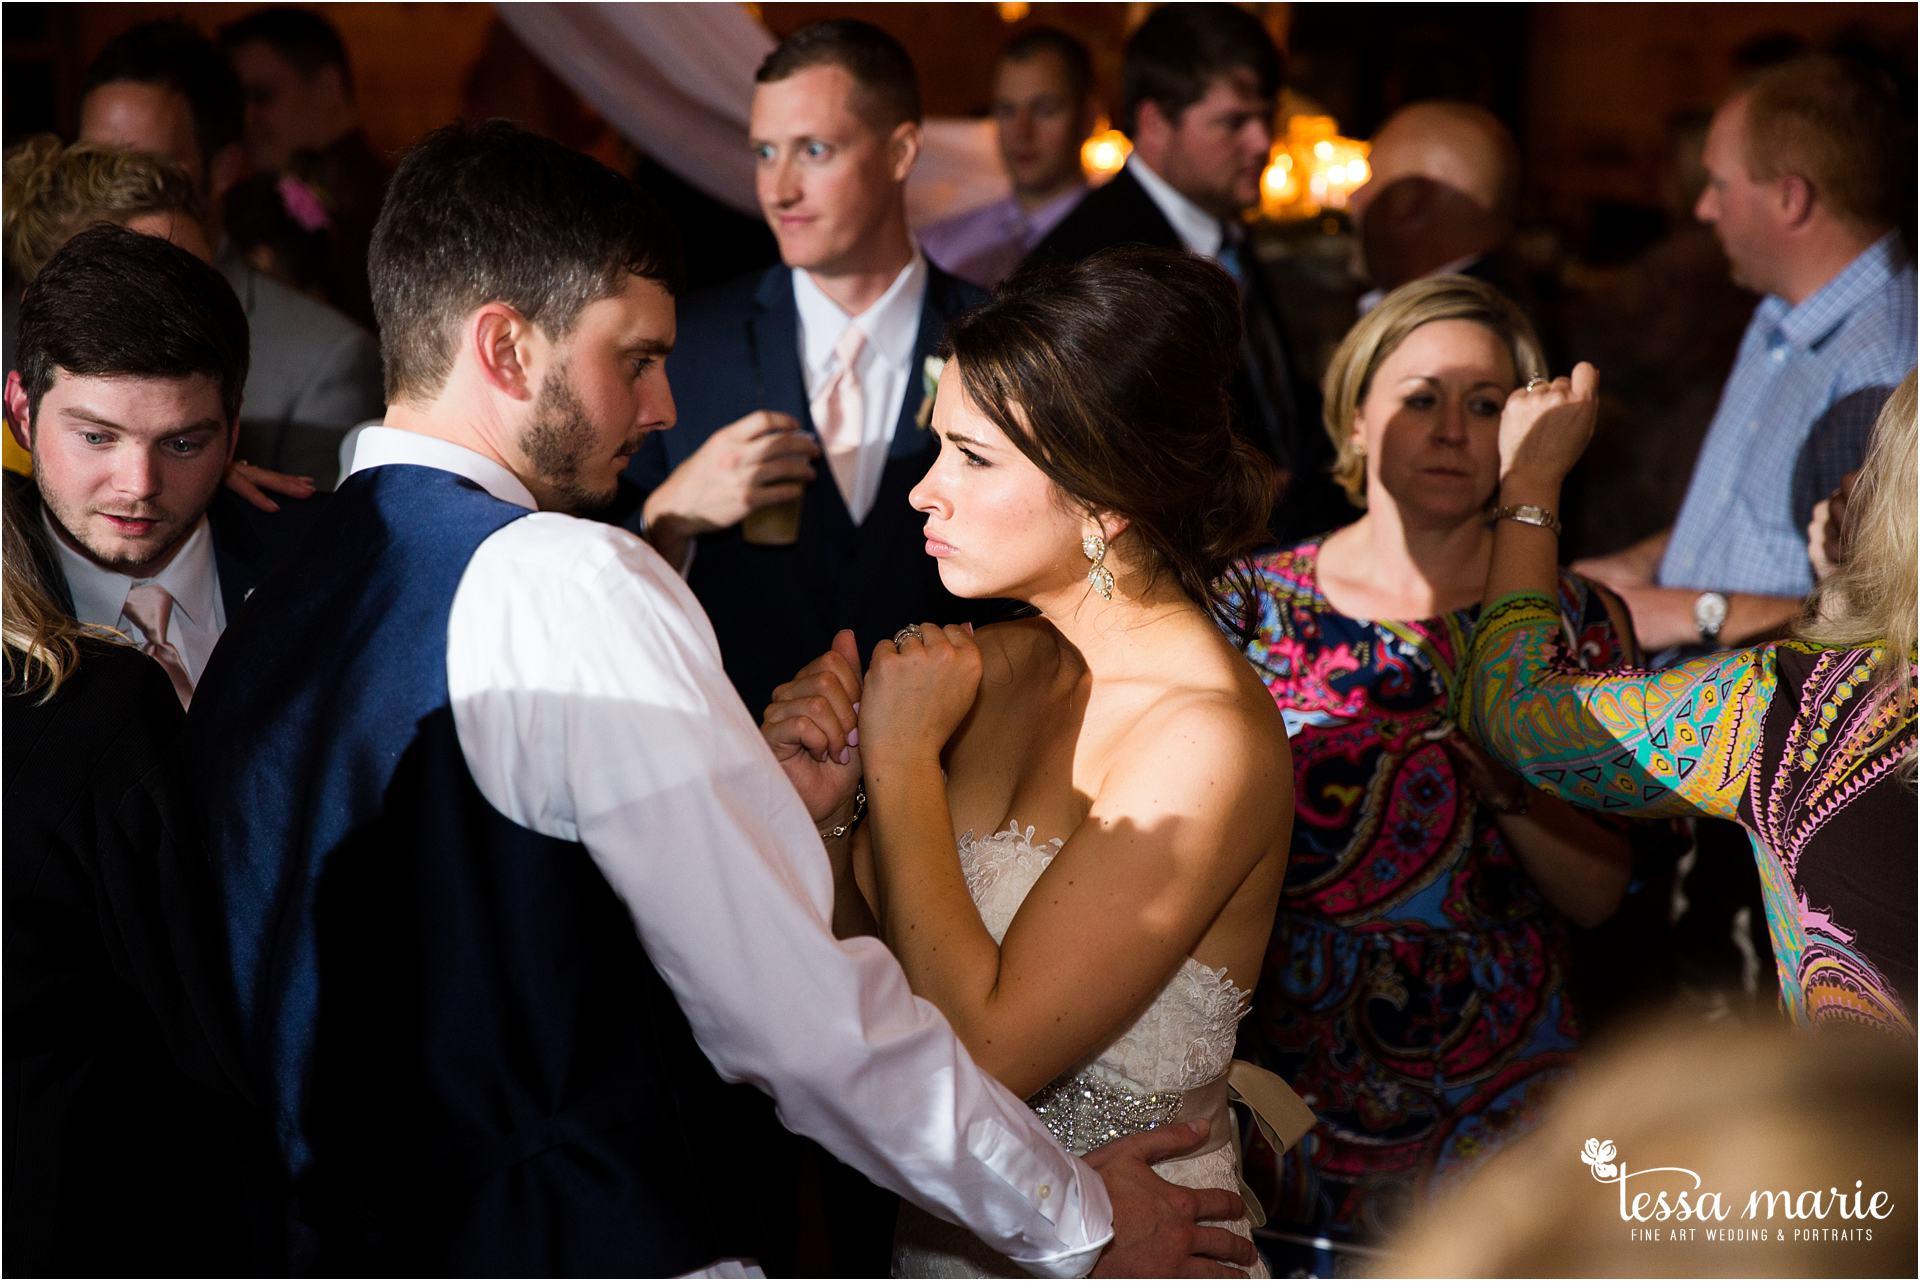 032216_brittany_kevin_wedding-178